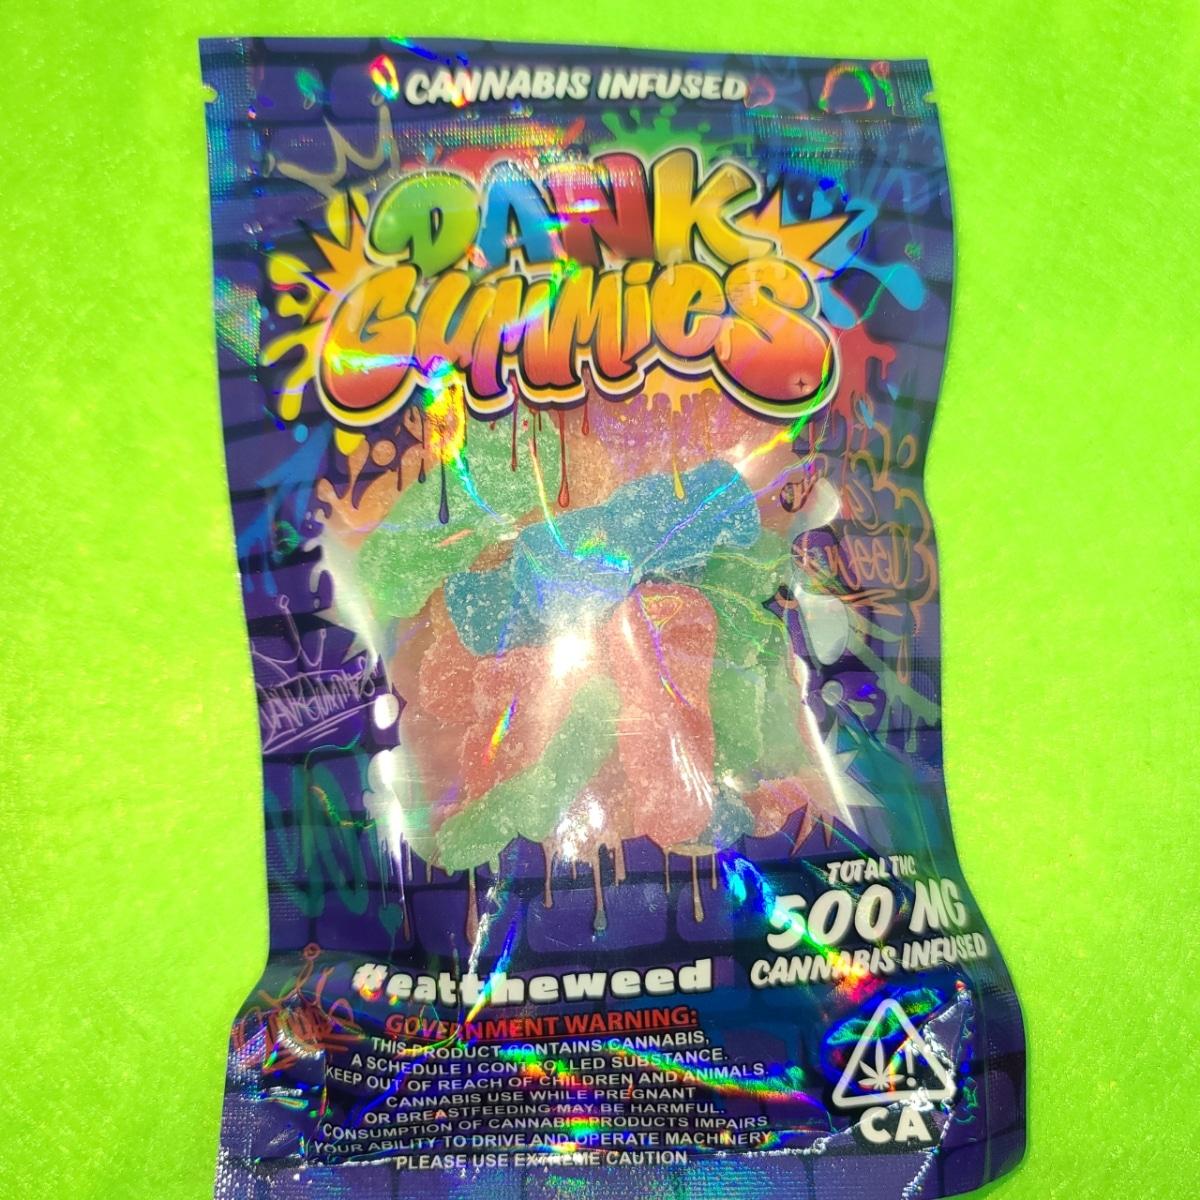 dank gummies weed edibles photo